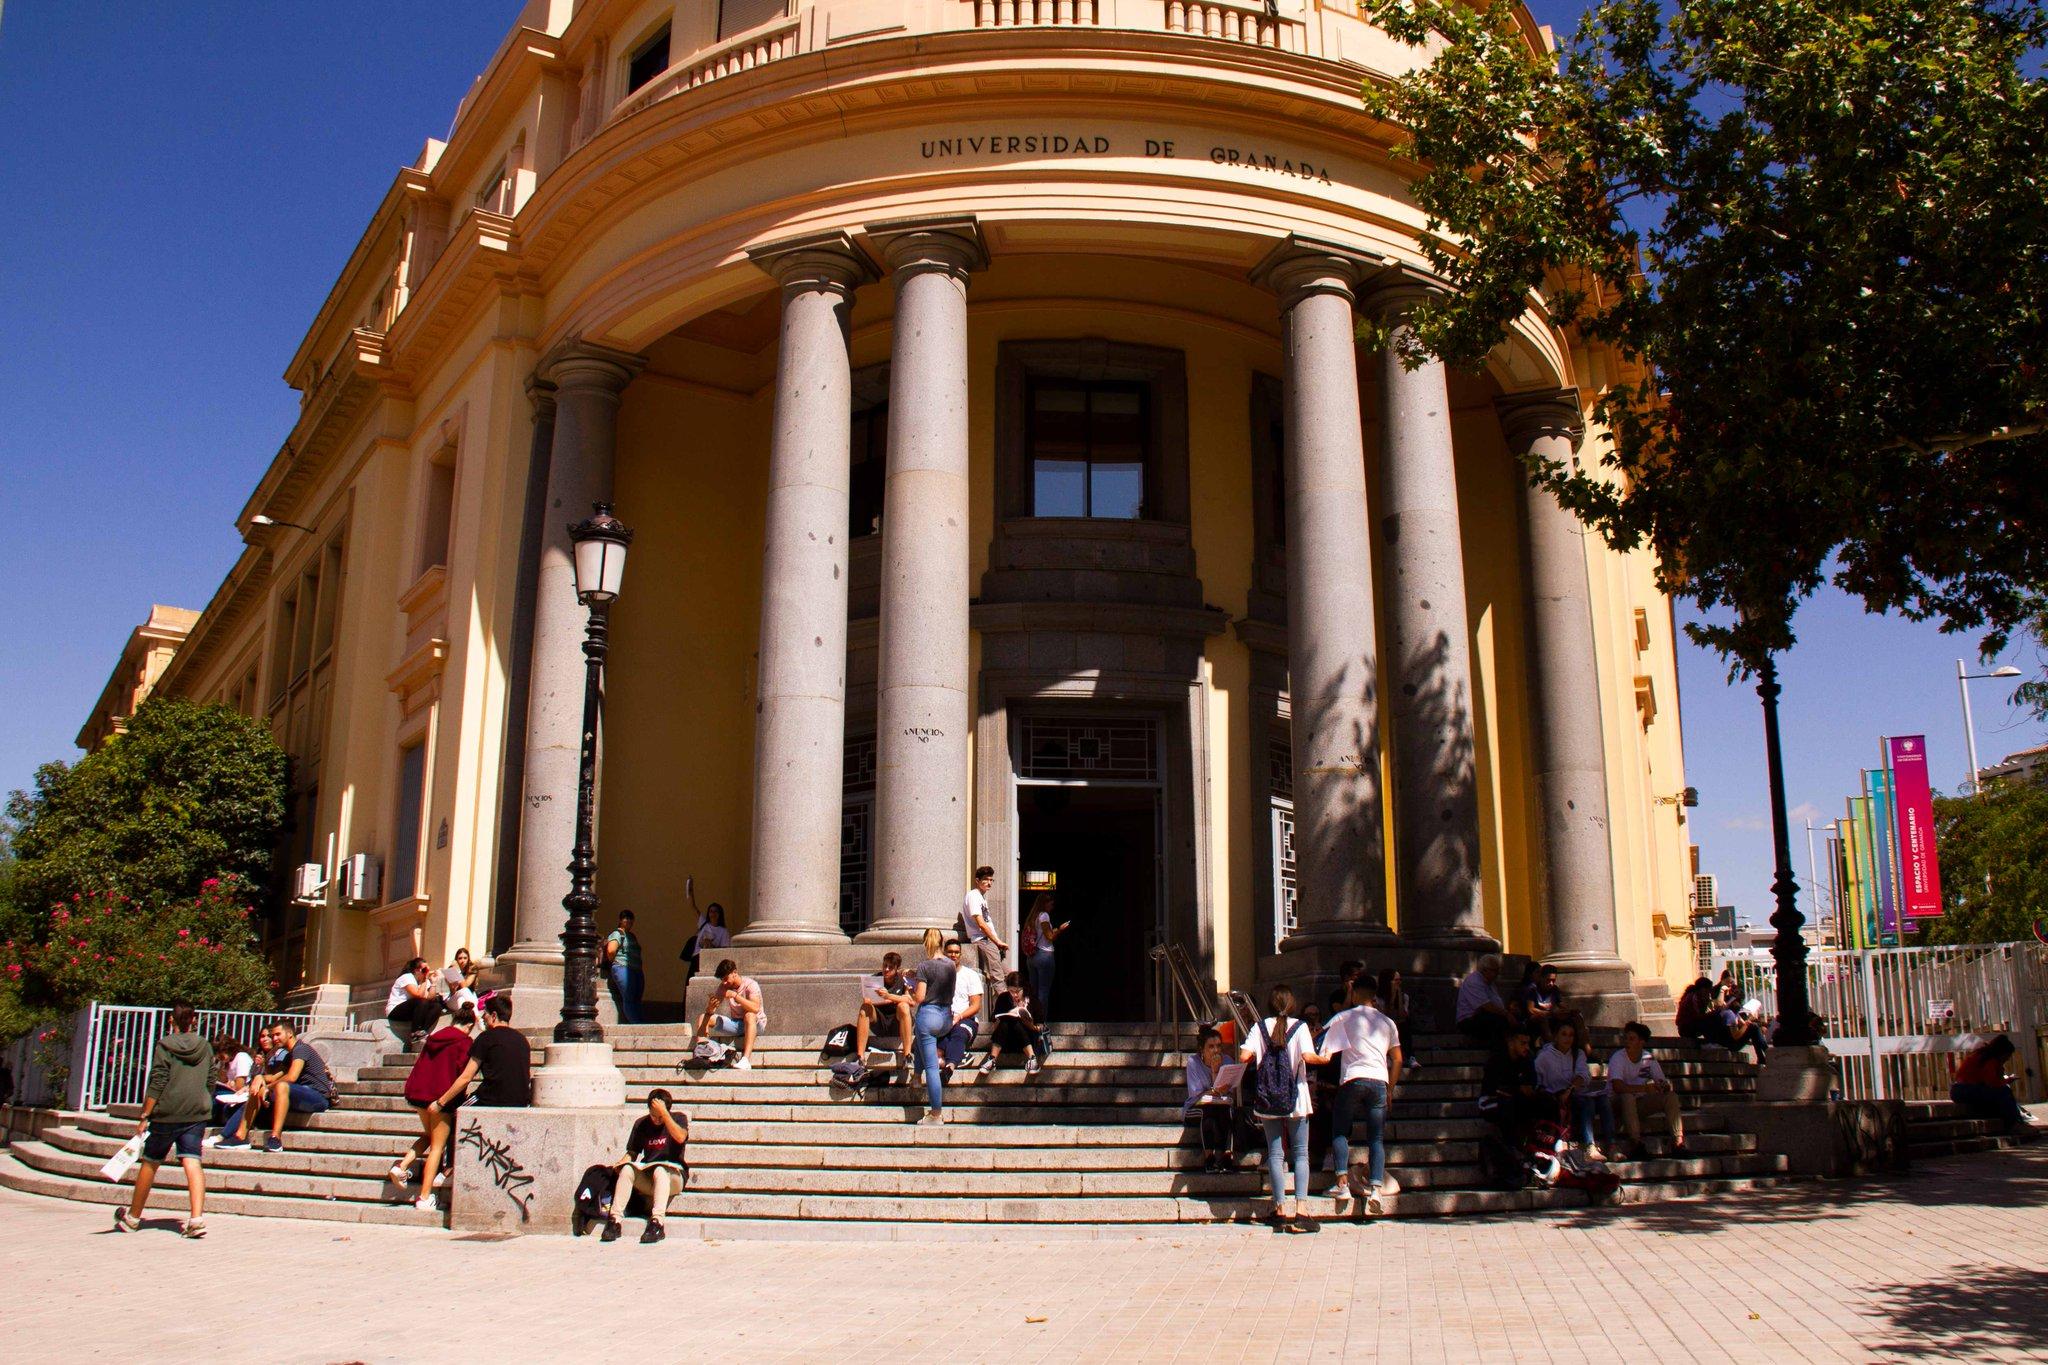 """Universidad Granada on Twitter: """"Mucho ánimo y mucha suerte a todos los estudiantes que os examináis de la #PEVAU2019 estos días. ¡Ya estáis más cerca de conseguir vuestro sueño!… https://t.co/xl5rjLe6PV"""""""